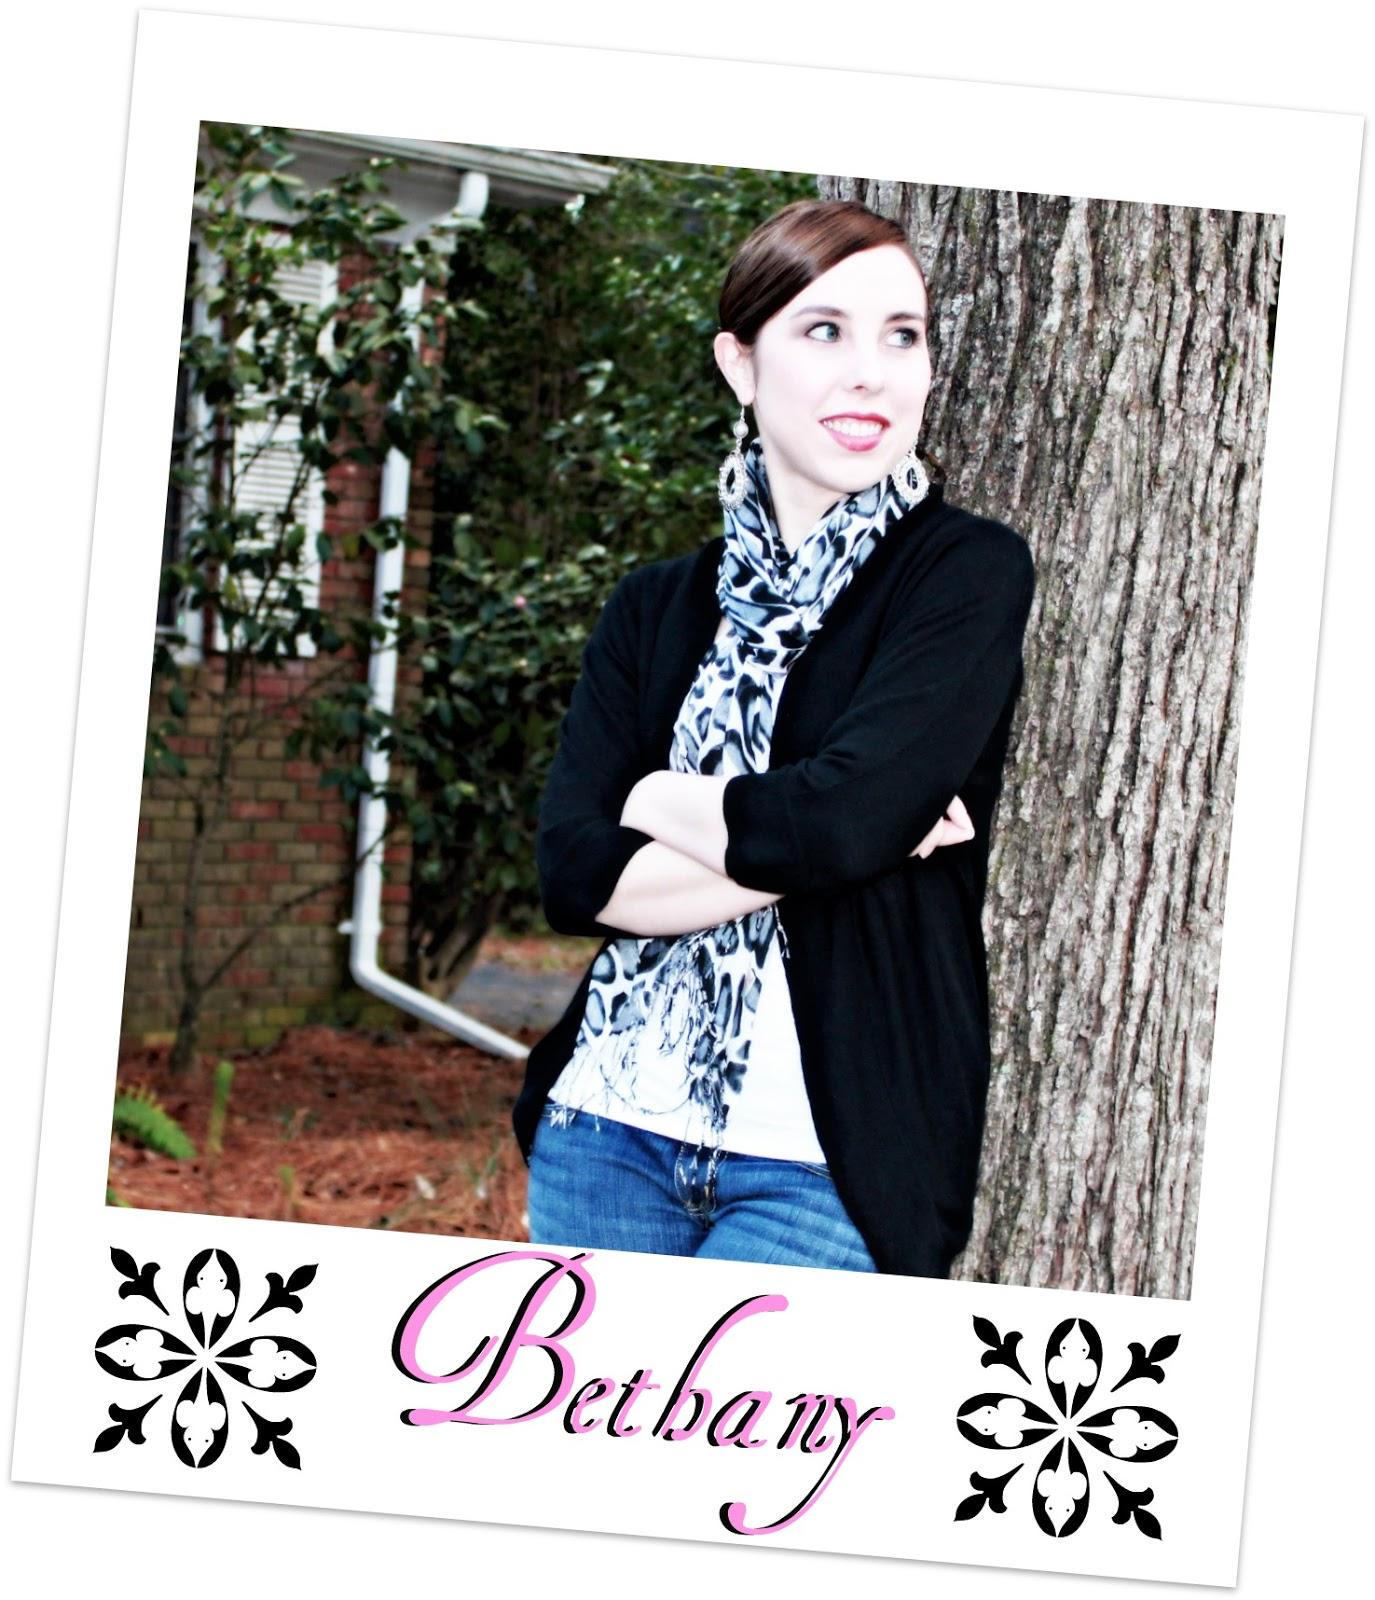 http://3.bp.blogspot.com/-8Im9UuPj2Dk/Tvn2mBWlxhI/AAAAAAAAAys/GNsMK32y4VE/s1600/BethanyPolaroid.jpg